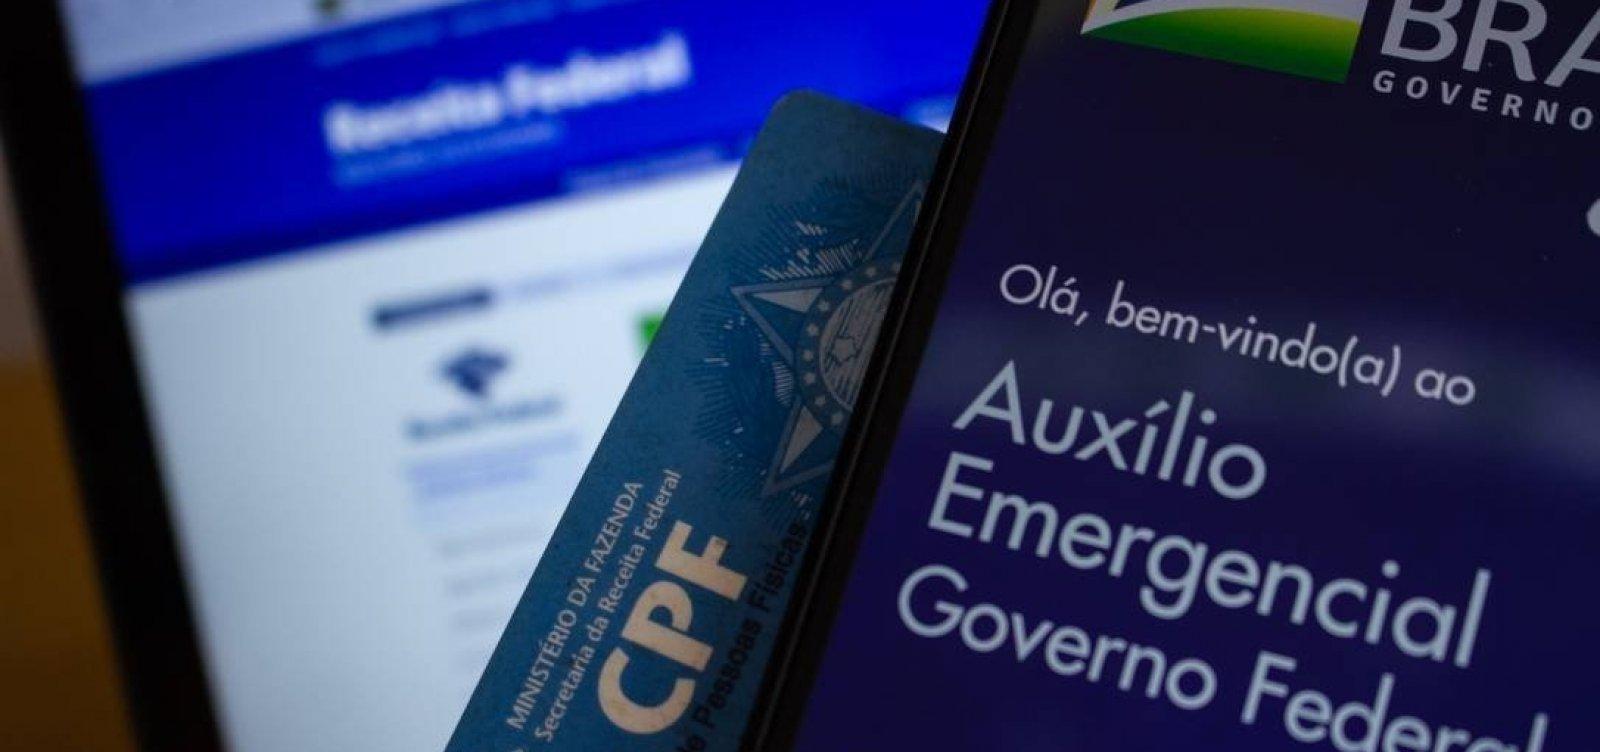 [Auxílio emergencial foi pago indevidamente a 7,3 milhões de pessoas, aponta TCU ]